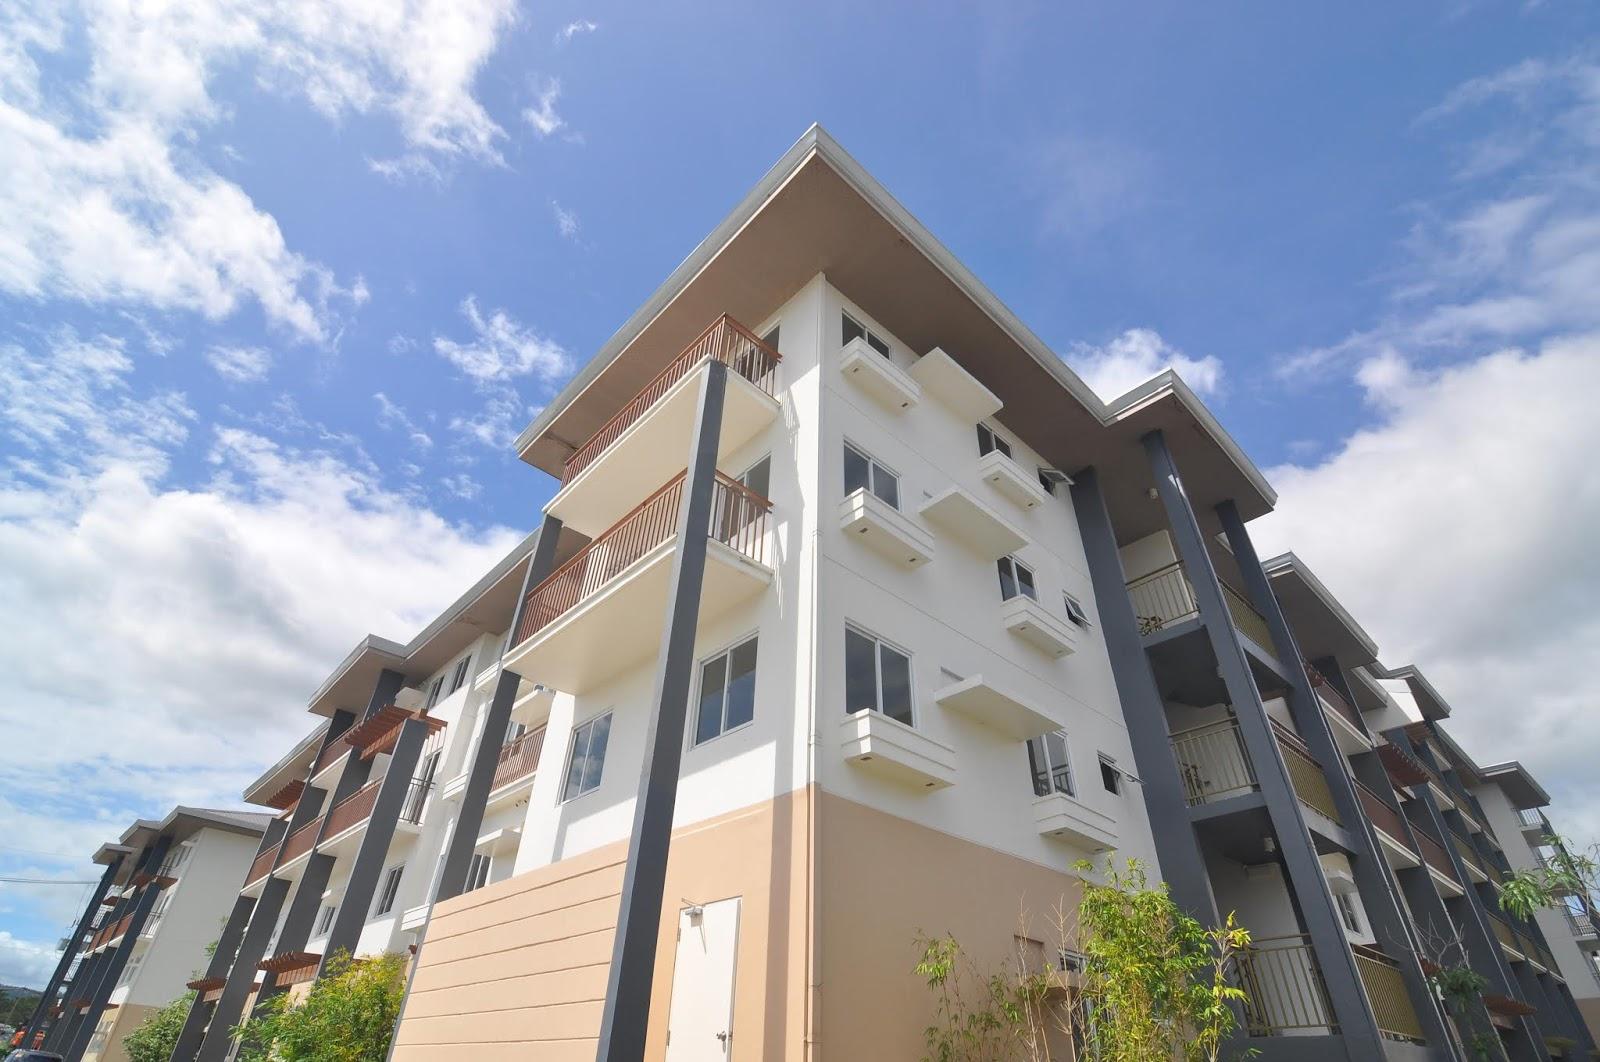 Lemon GreenTea: Amaia Steps Nuvali's amenity hub indulges